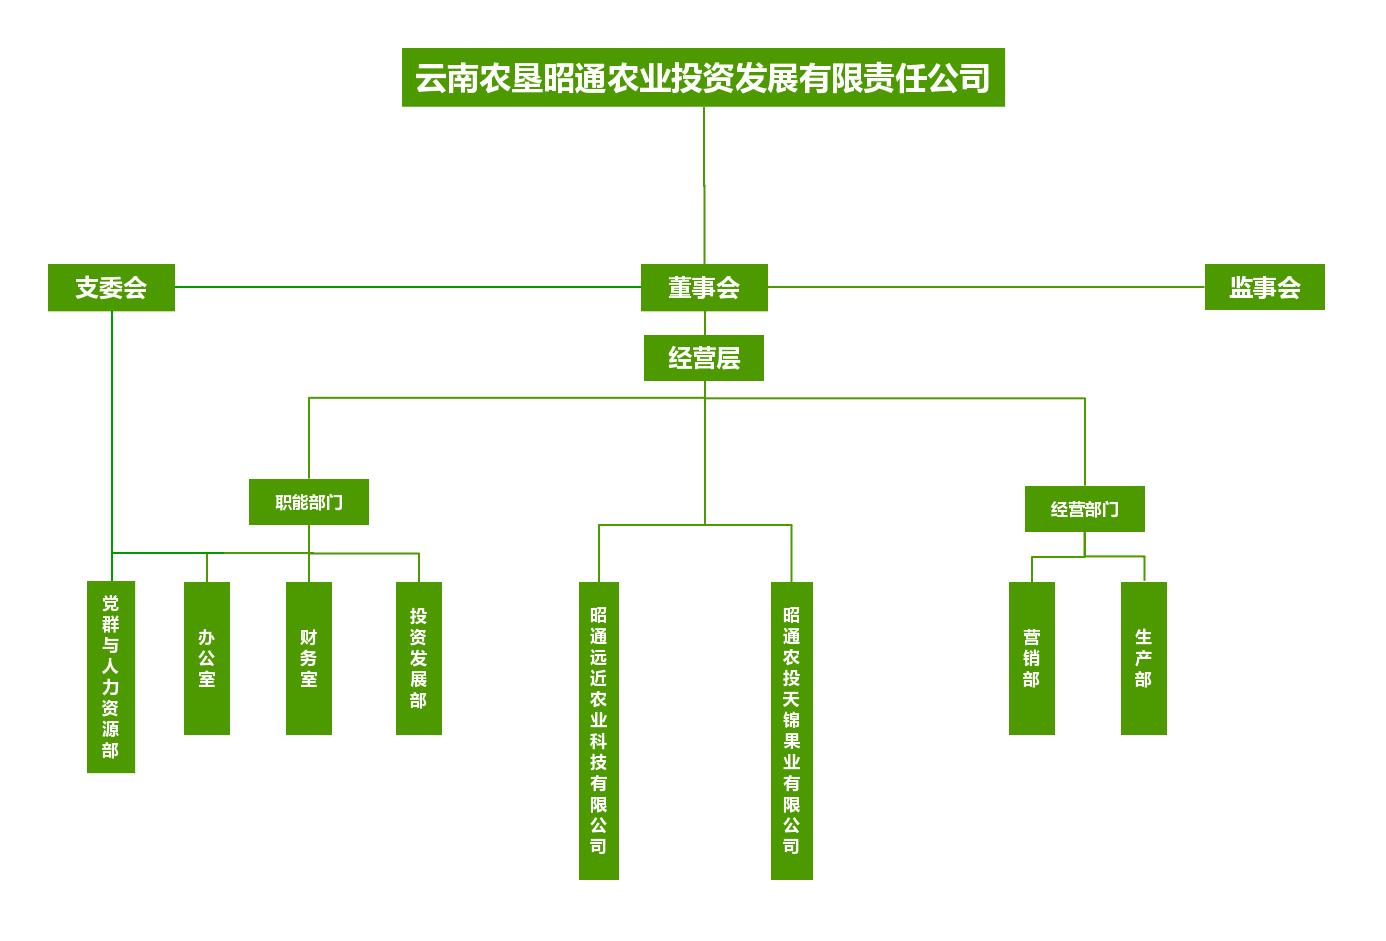 六合联盟宝典大全农投组织架构终极版.jpg